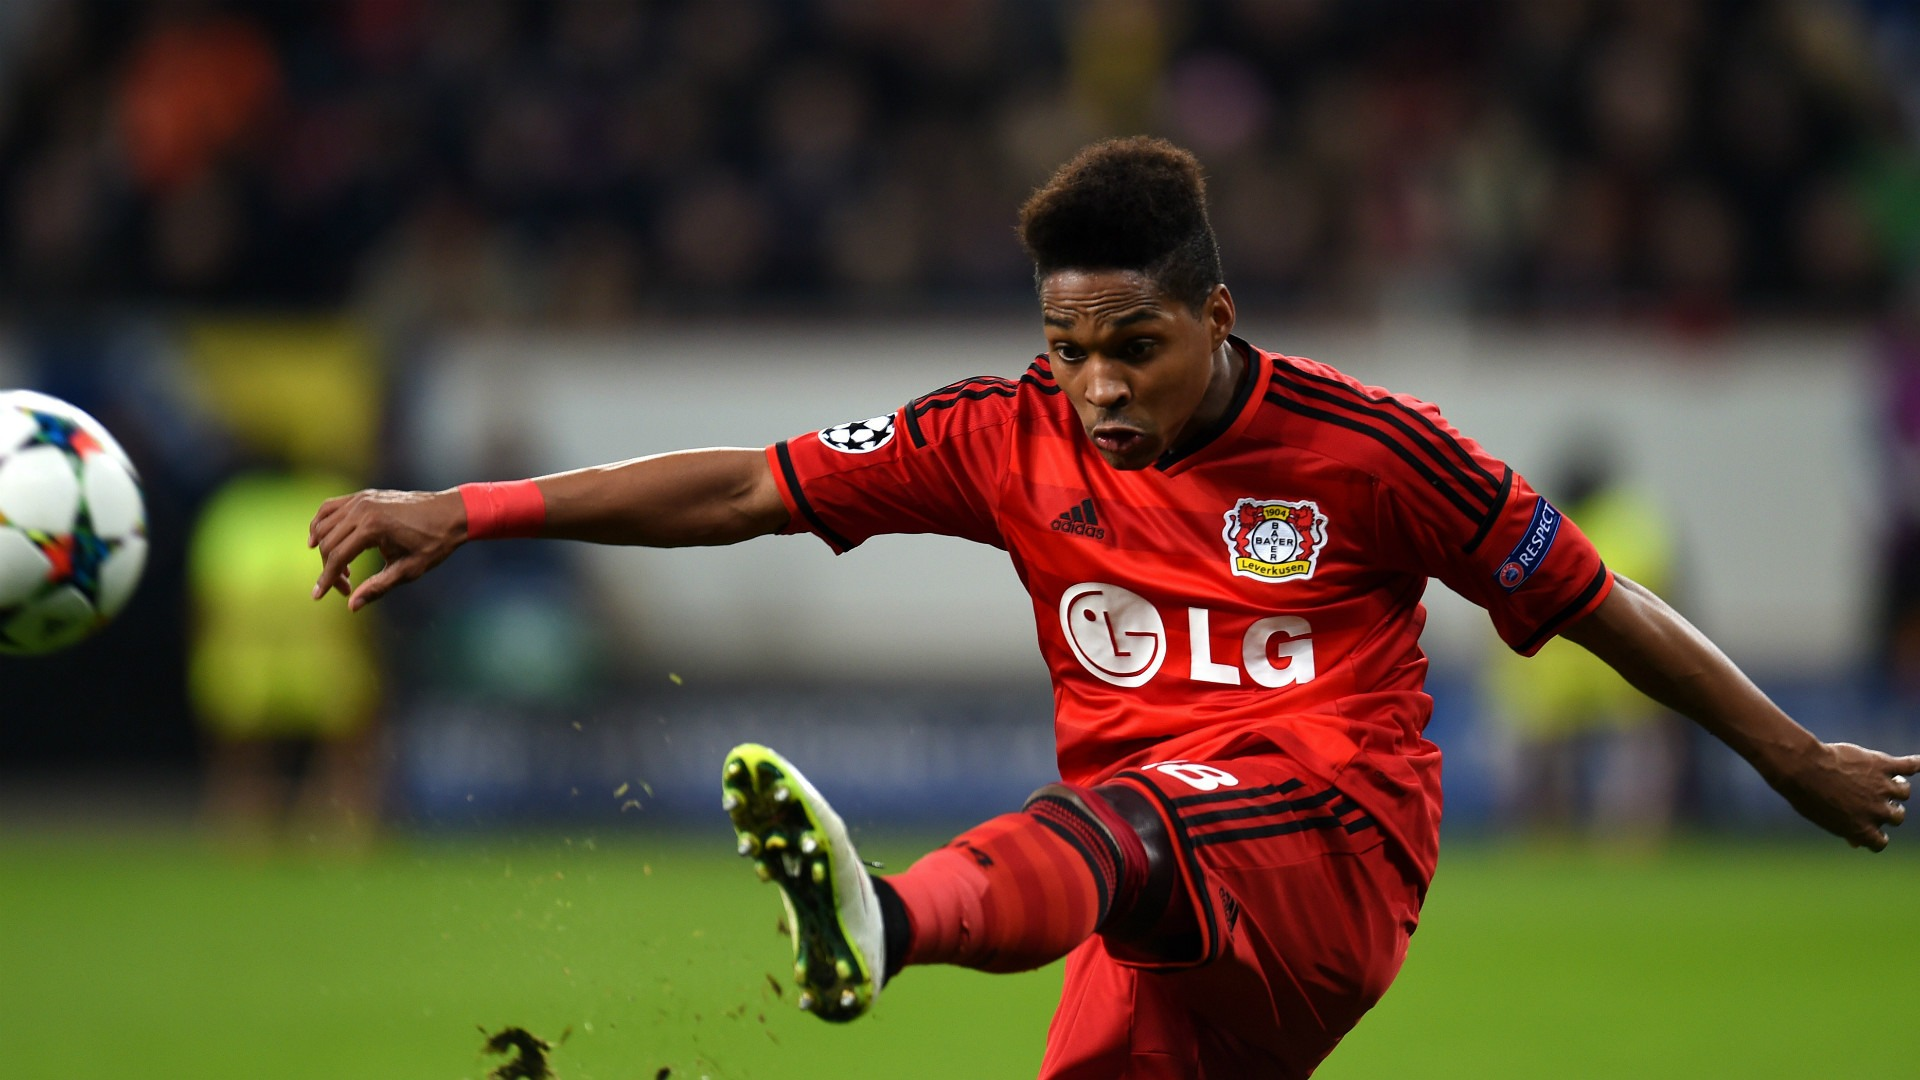 Mercato - Le PSG aurait contacté Wendell, arrière gauche du Bayer Leverkusen